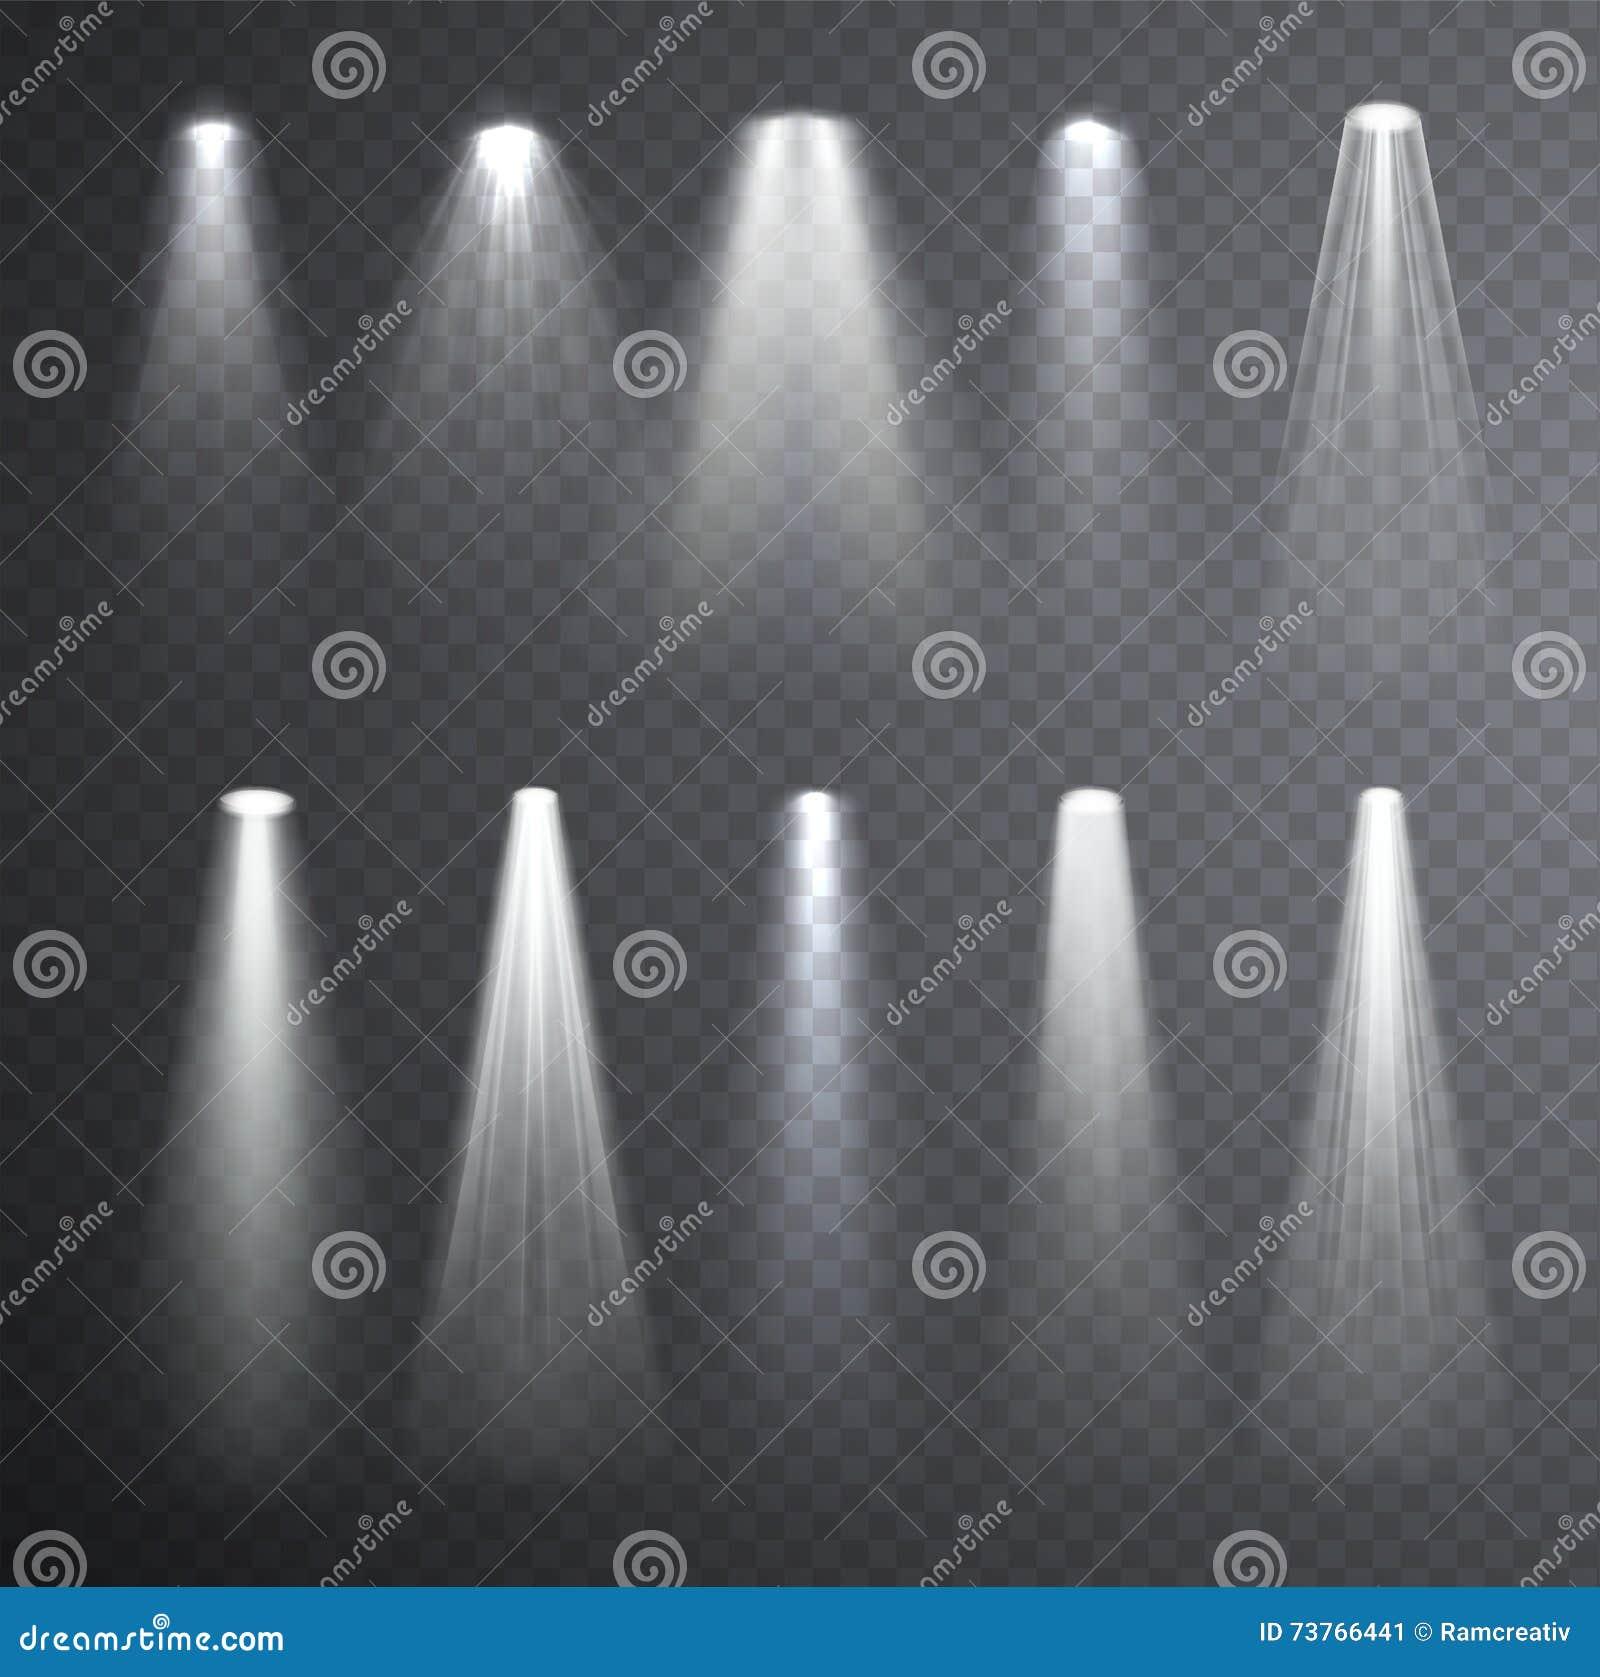 Haz luminoso blanco brillante Efectos luminosos que brillan intensamente aislados sobre control